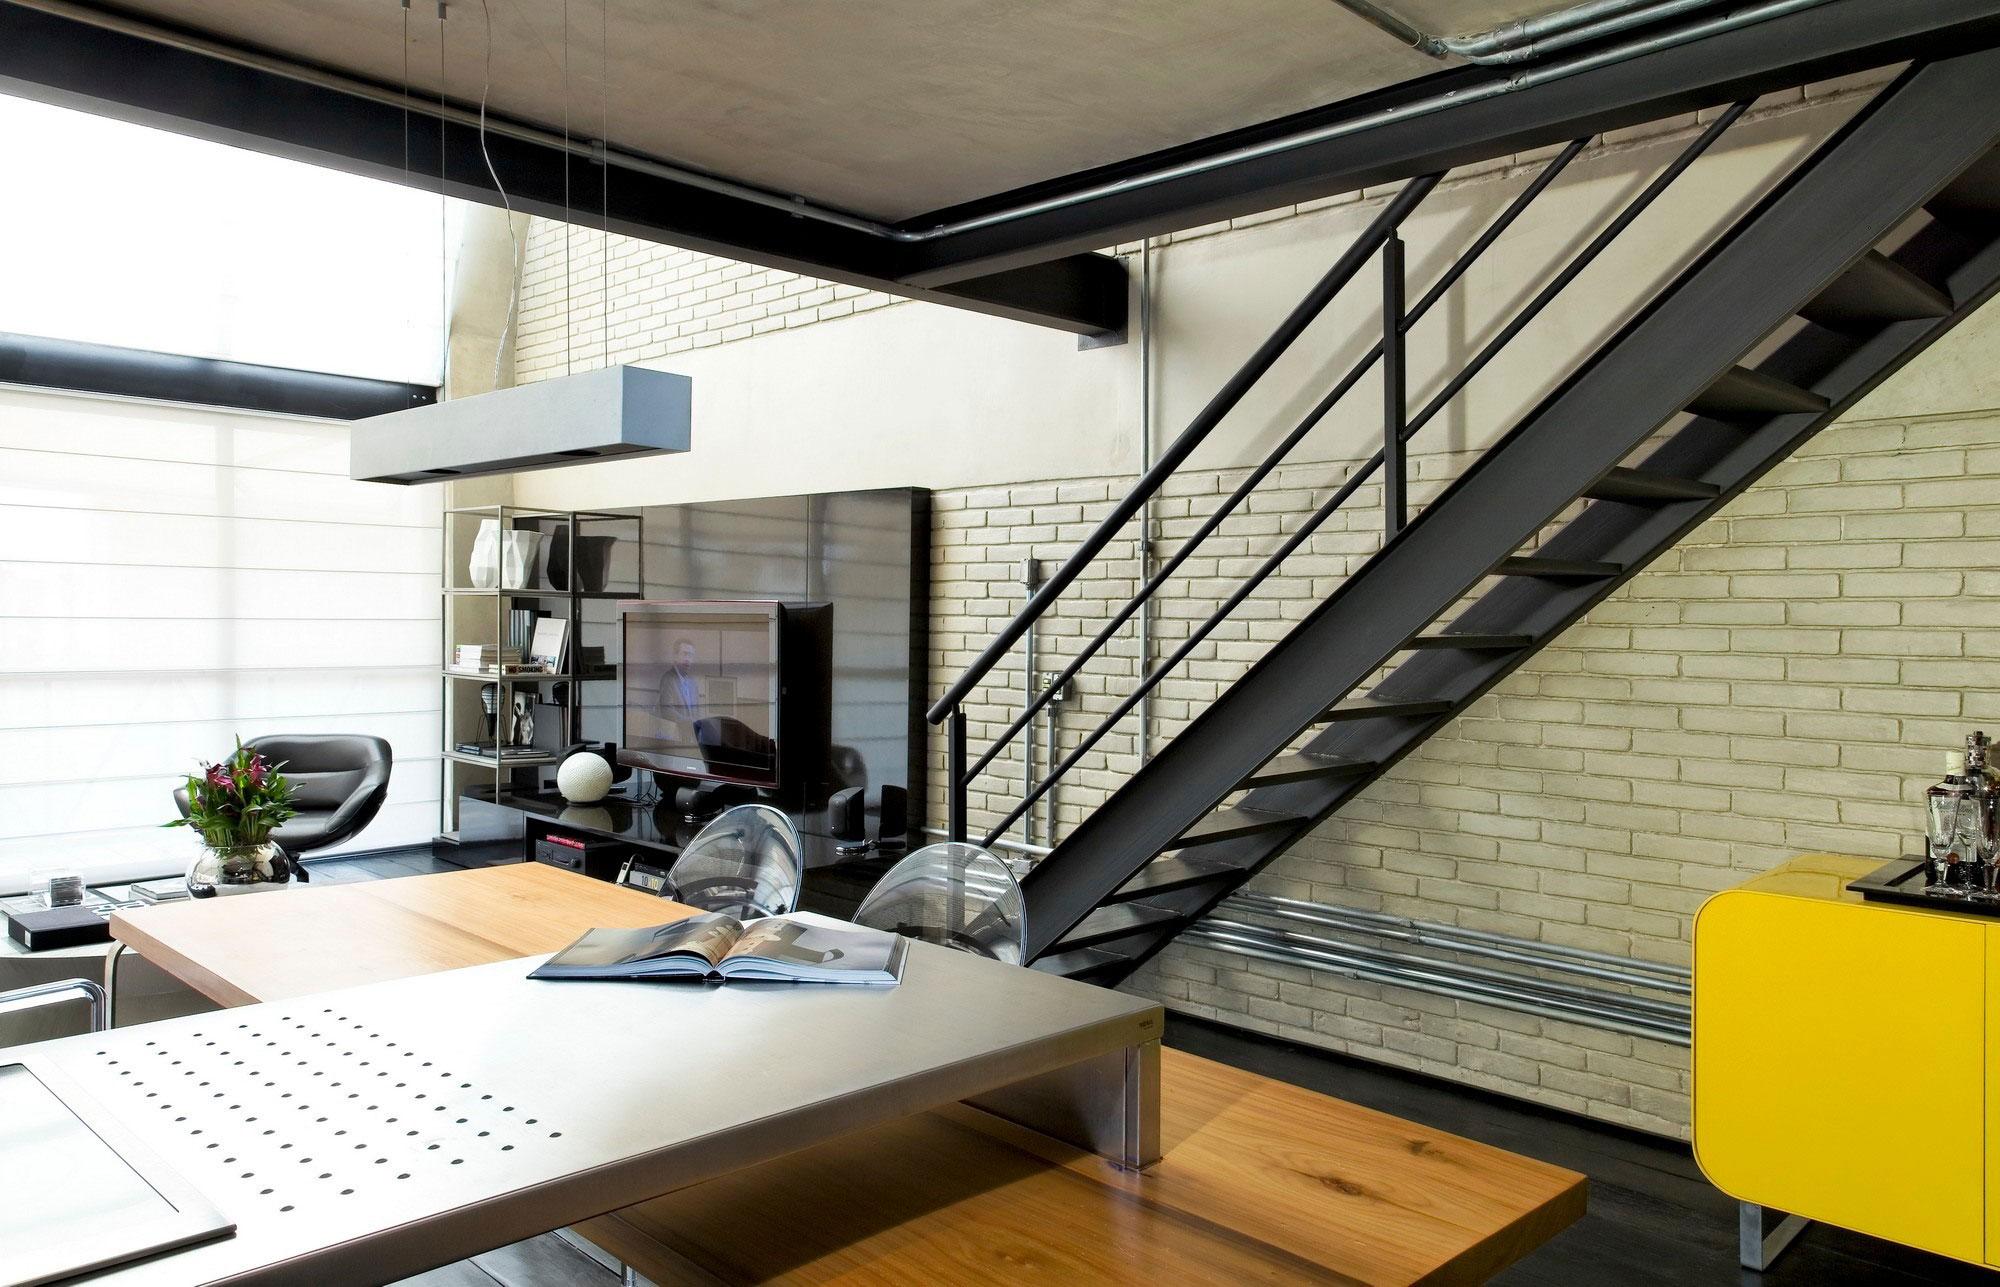 Industrial Loft in Sao Paulo Features Dazzling Arc Floor Lamp 1